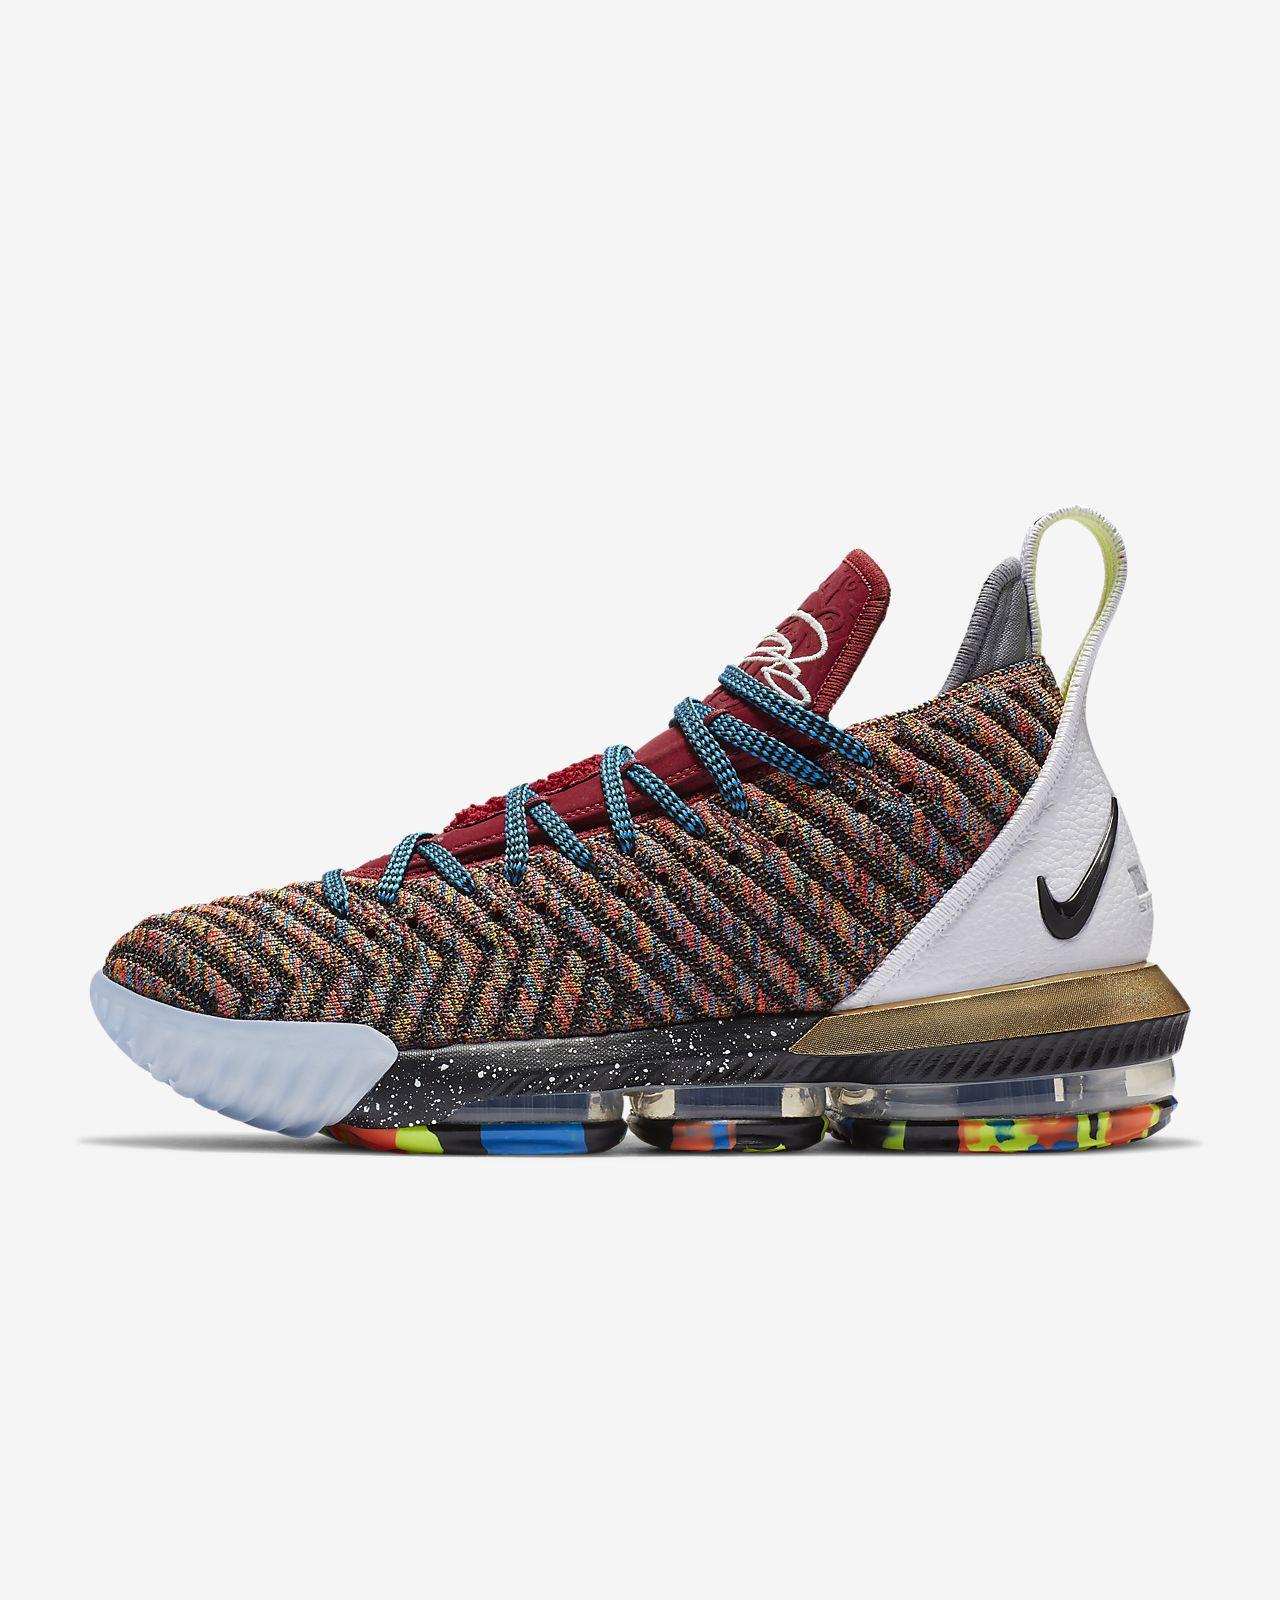 low priced 9953f 47375 ... LeBron 16 Starting 5 Pre-Heat-sko til mænd